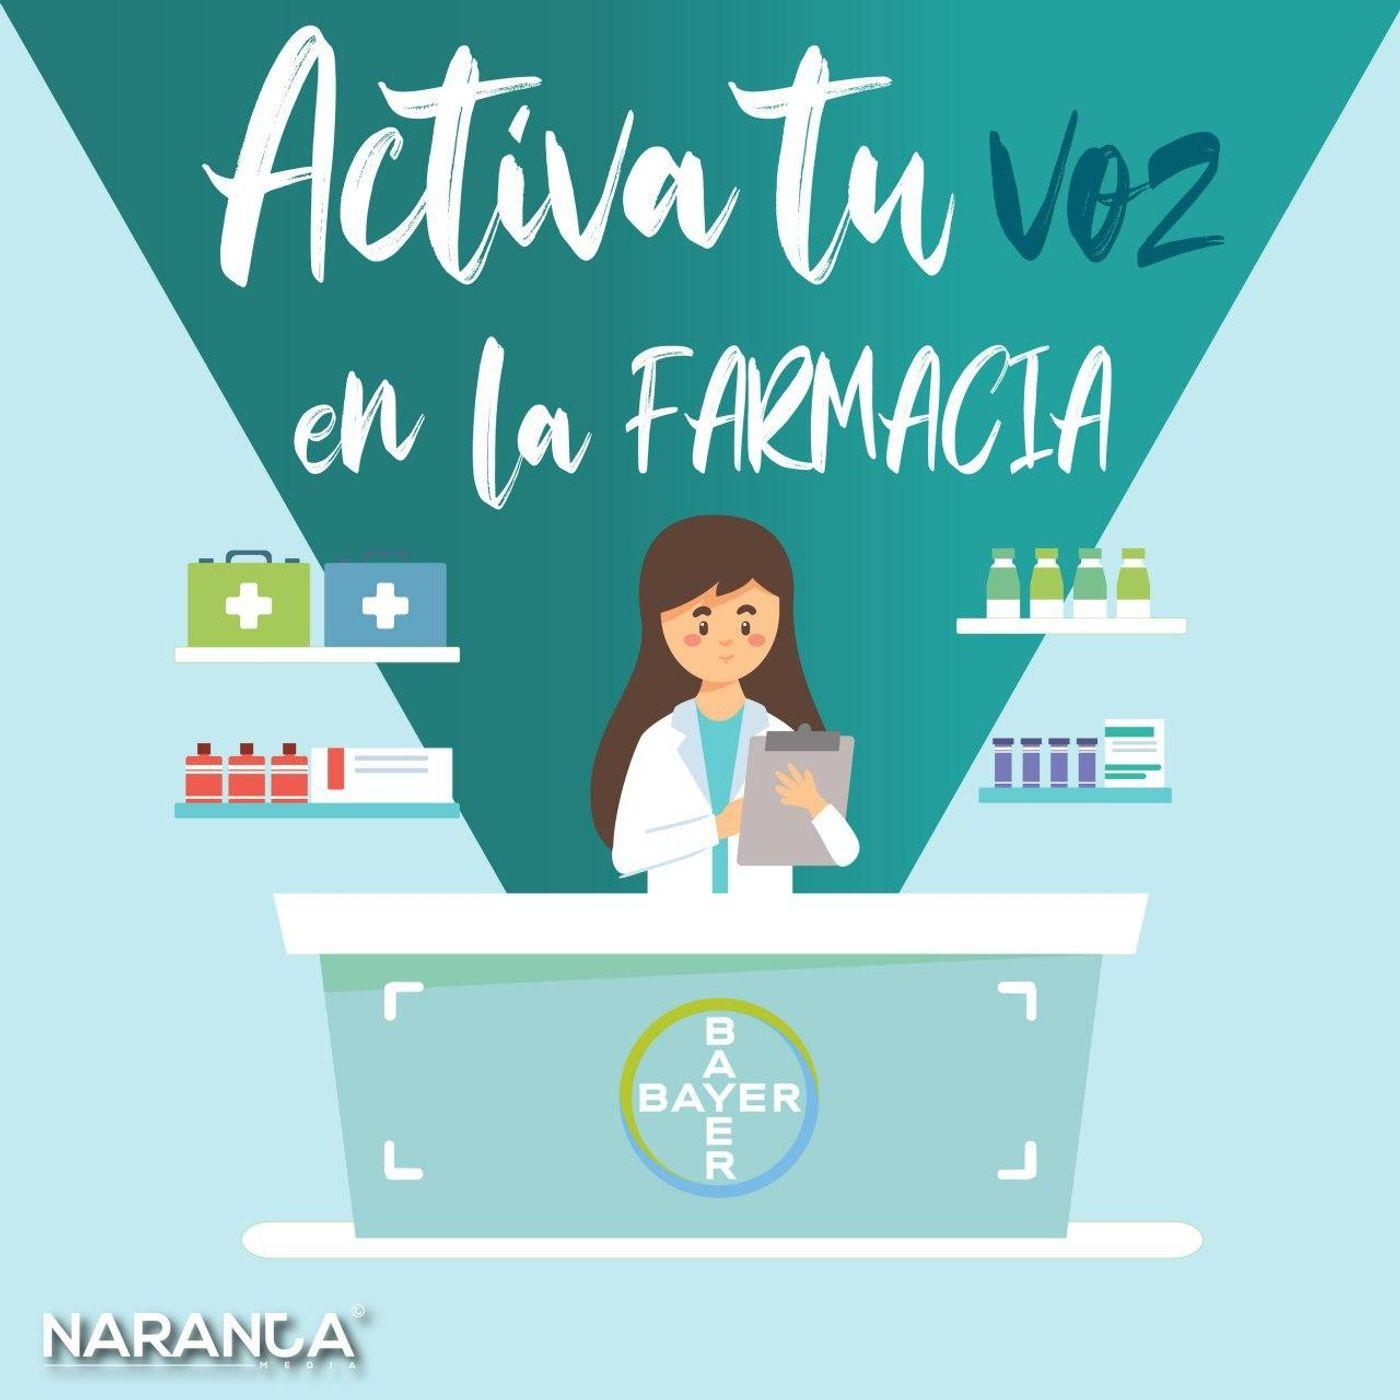 Ep 2: Las finanzas los resuelven todo, con María Juliana González